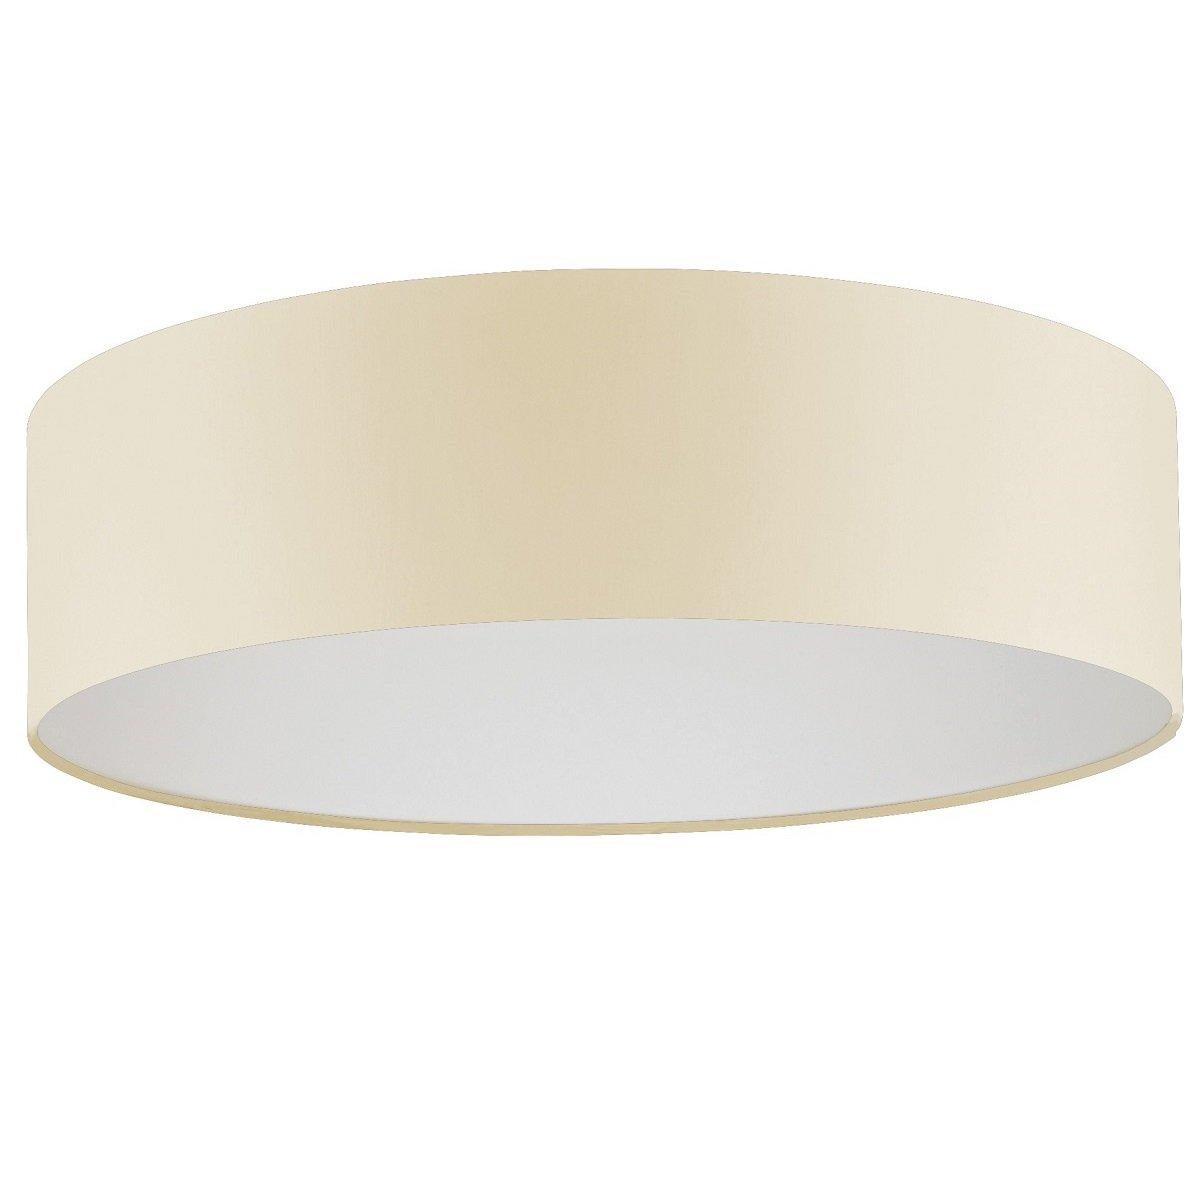 fischer leuchten lampenschirm no 33050 stoff cremefarben. Black Bedroom Furniture Sets. Home Design Ideas